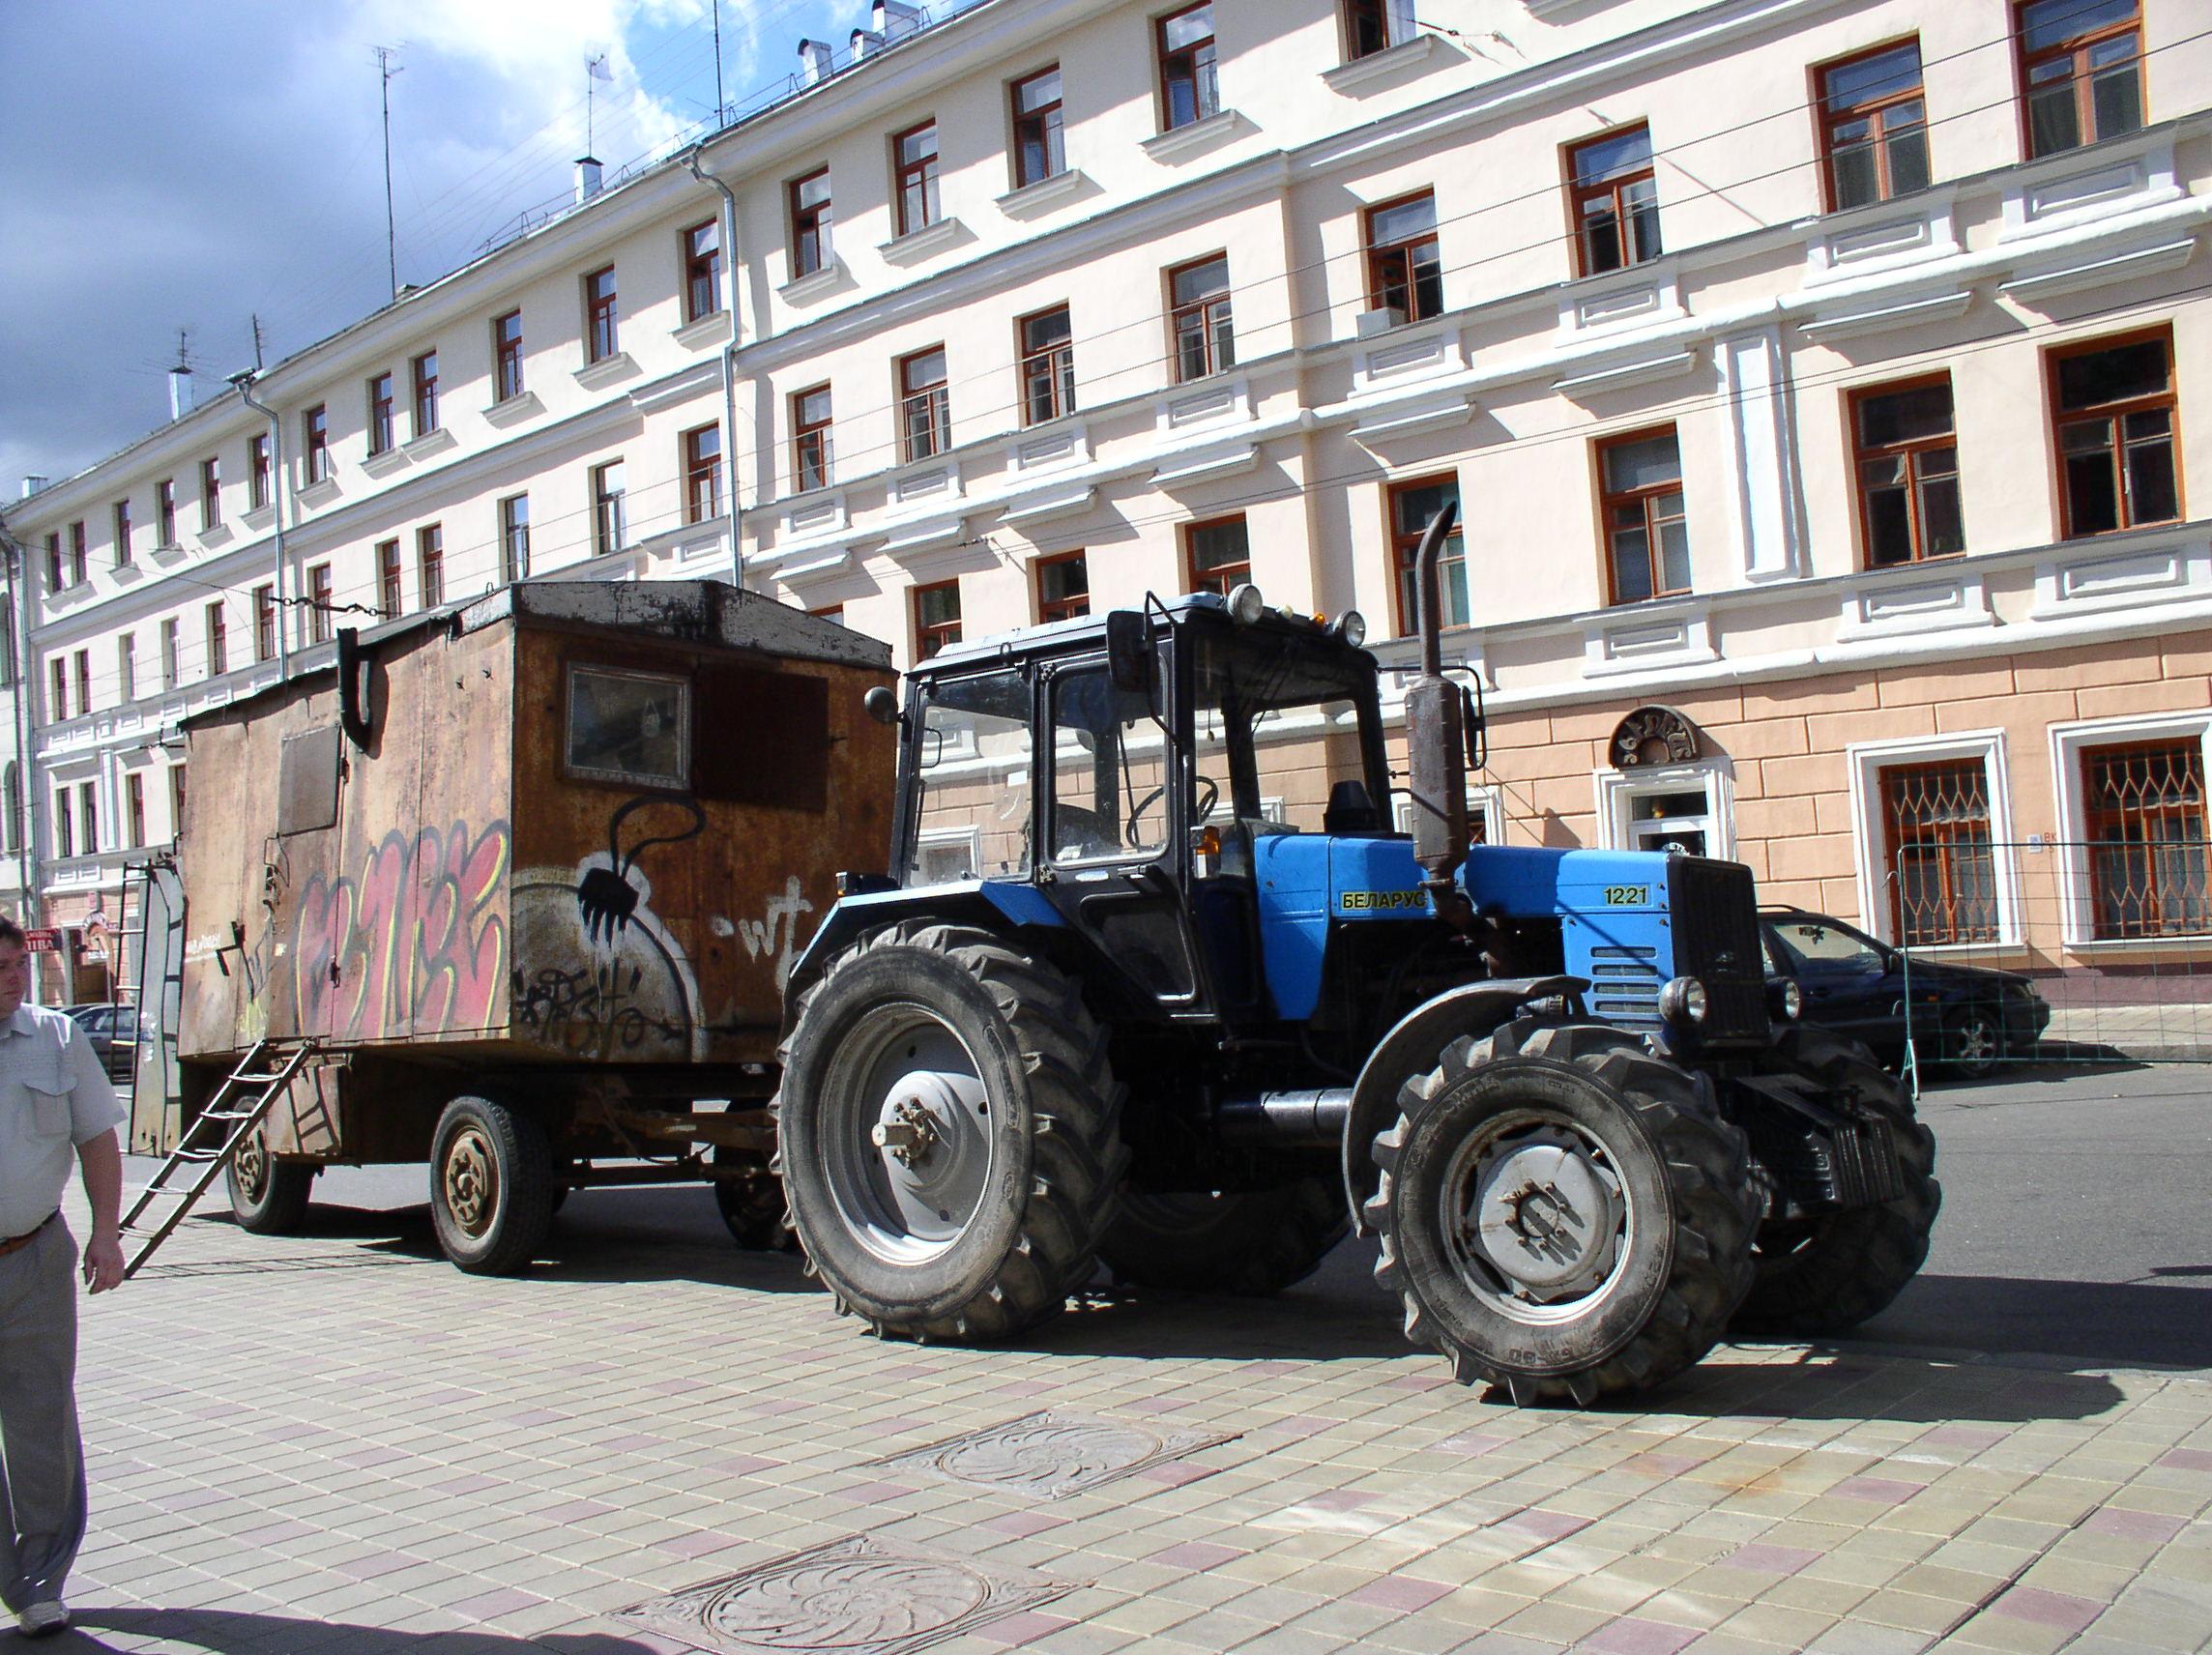 File:Tractor Belarus-1221.jpg